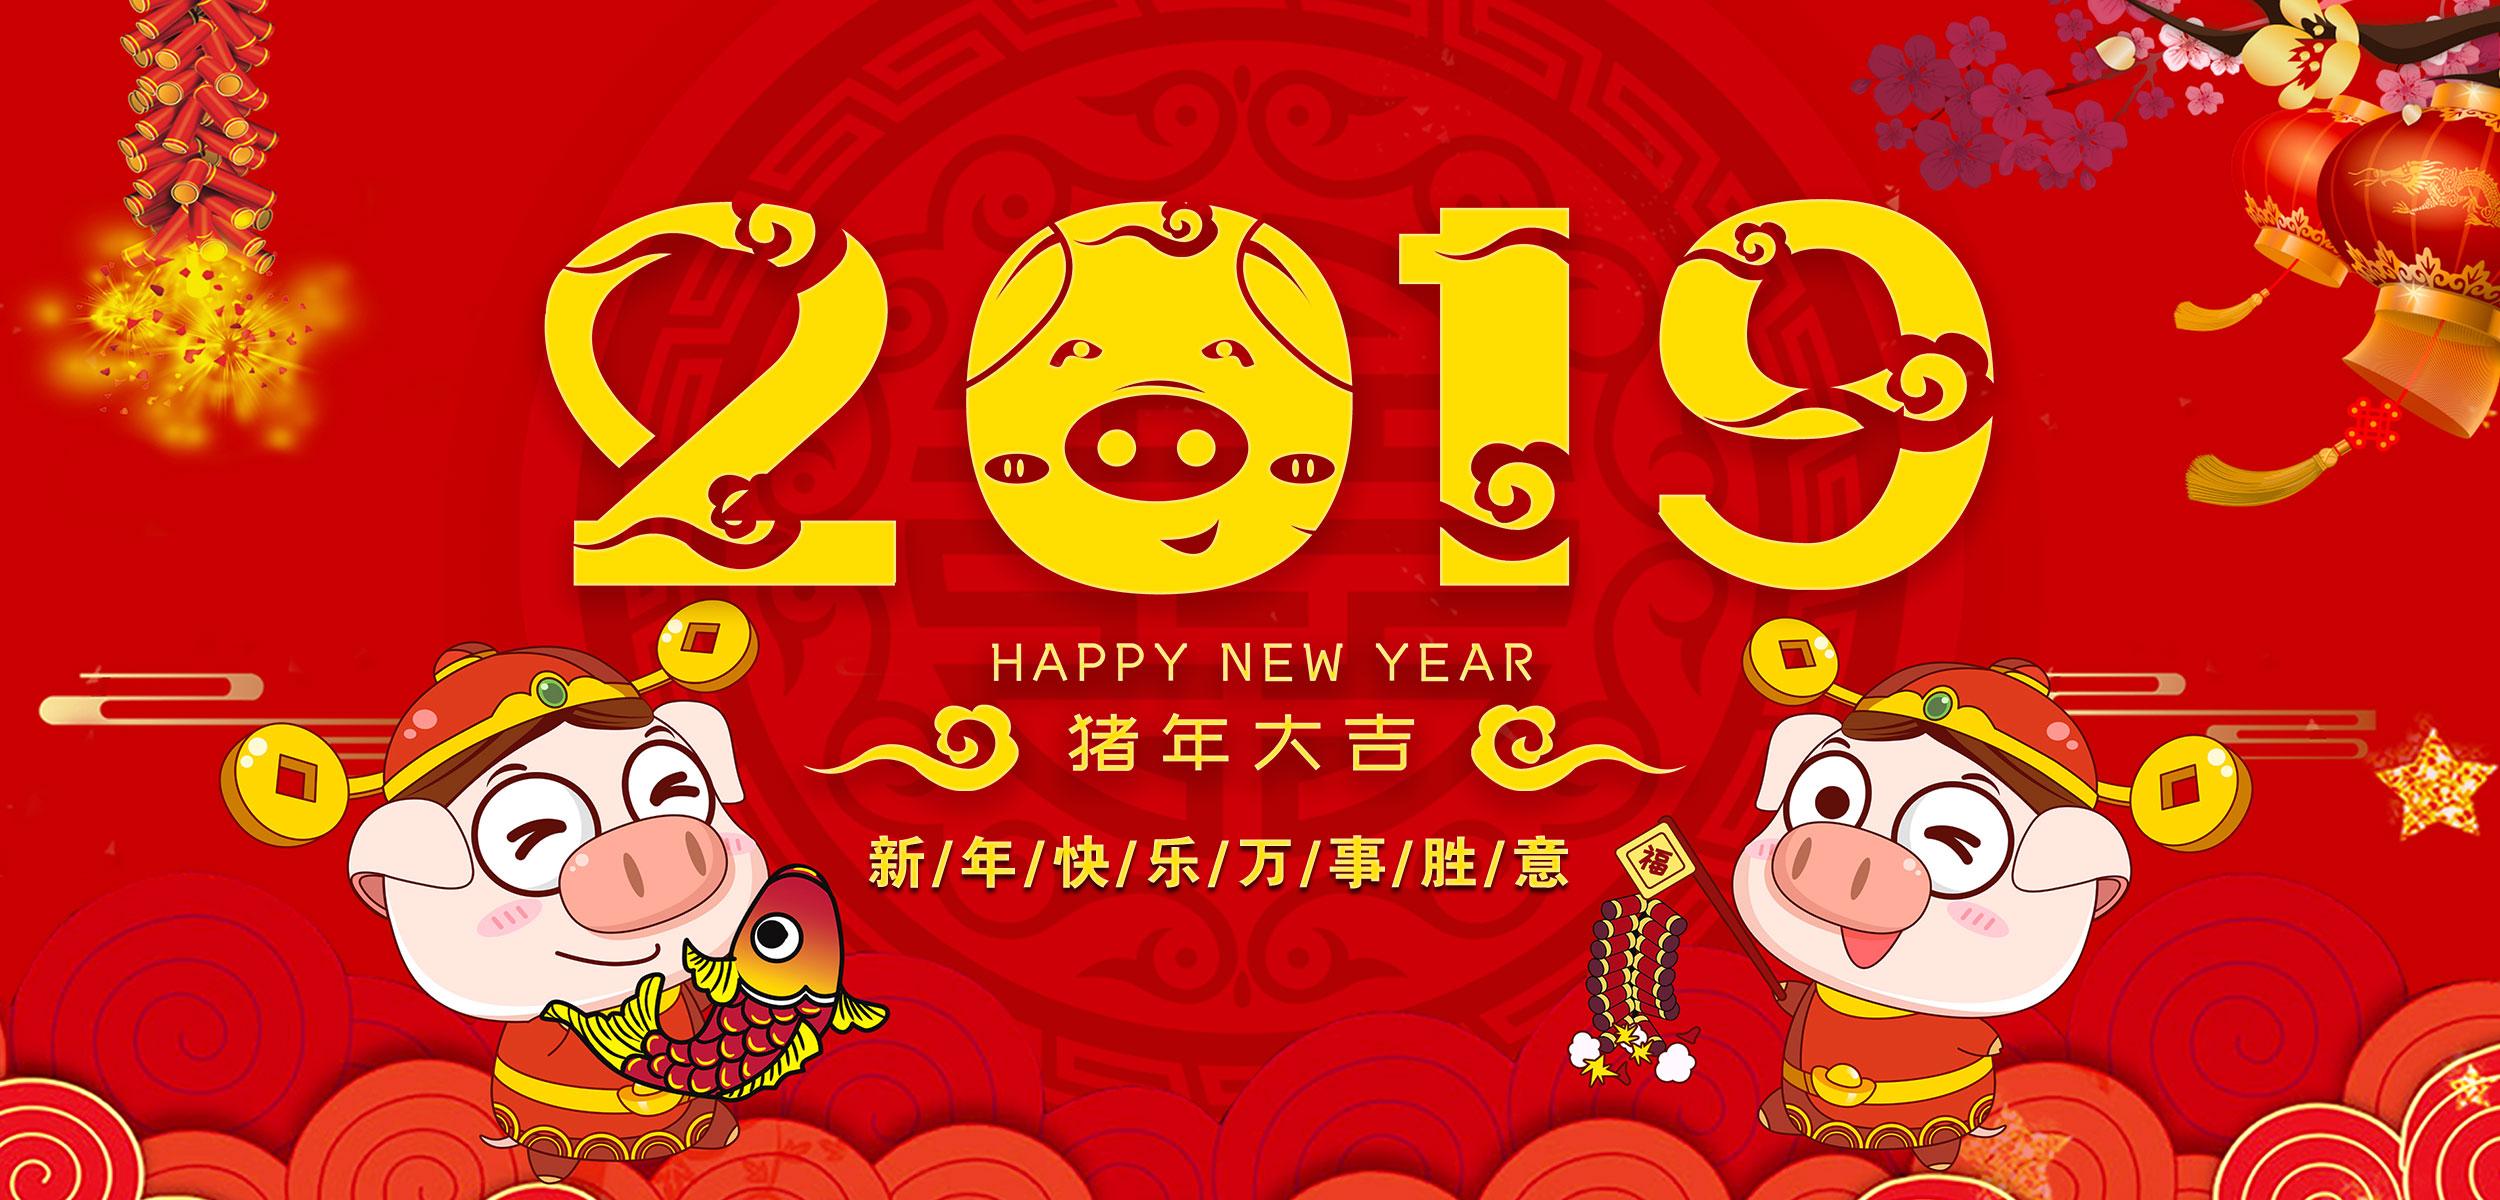 渠成集团新年祝福